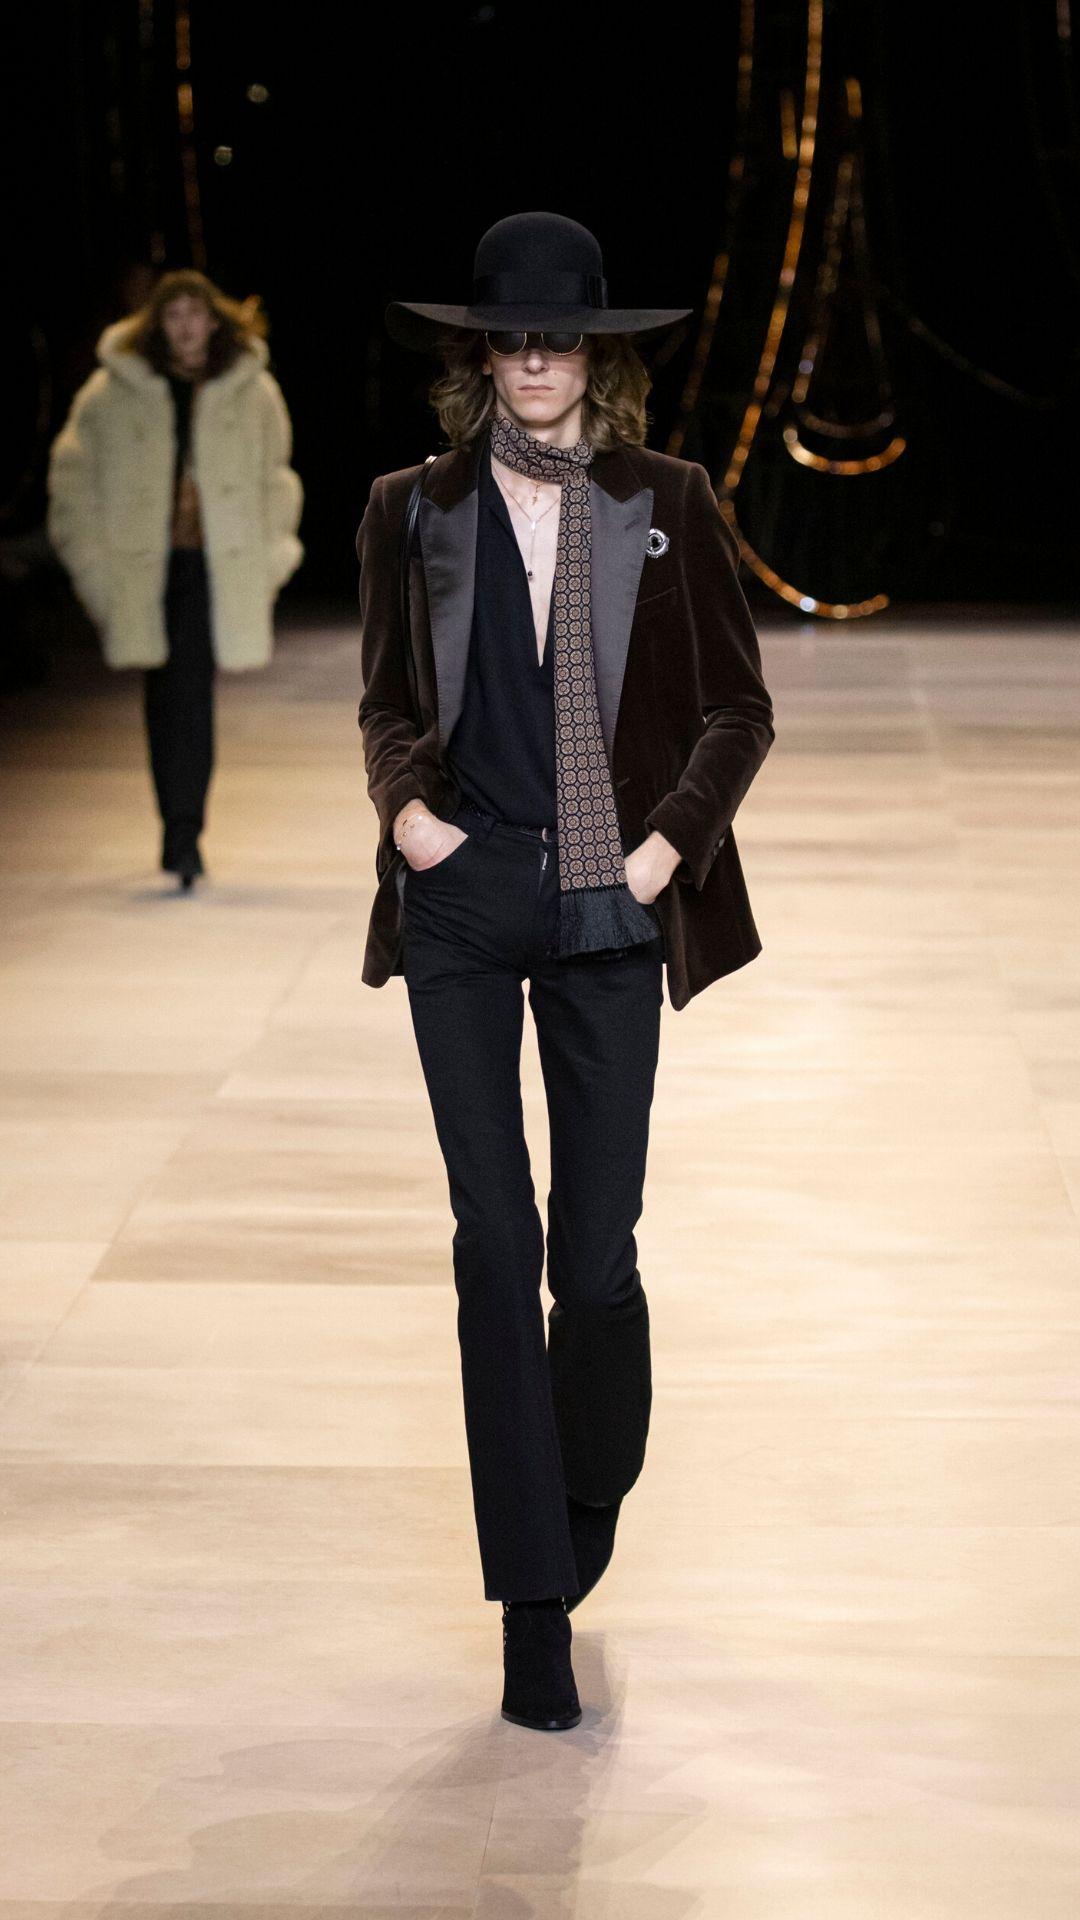 celine, runway report, runway, esquire, menswear